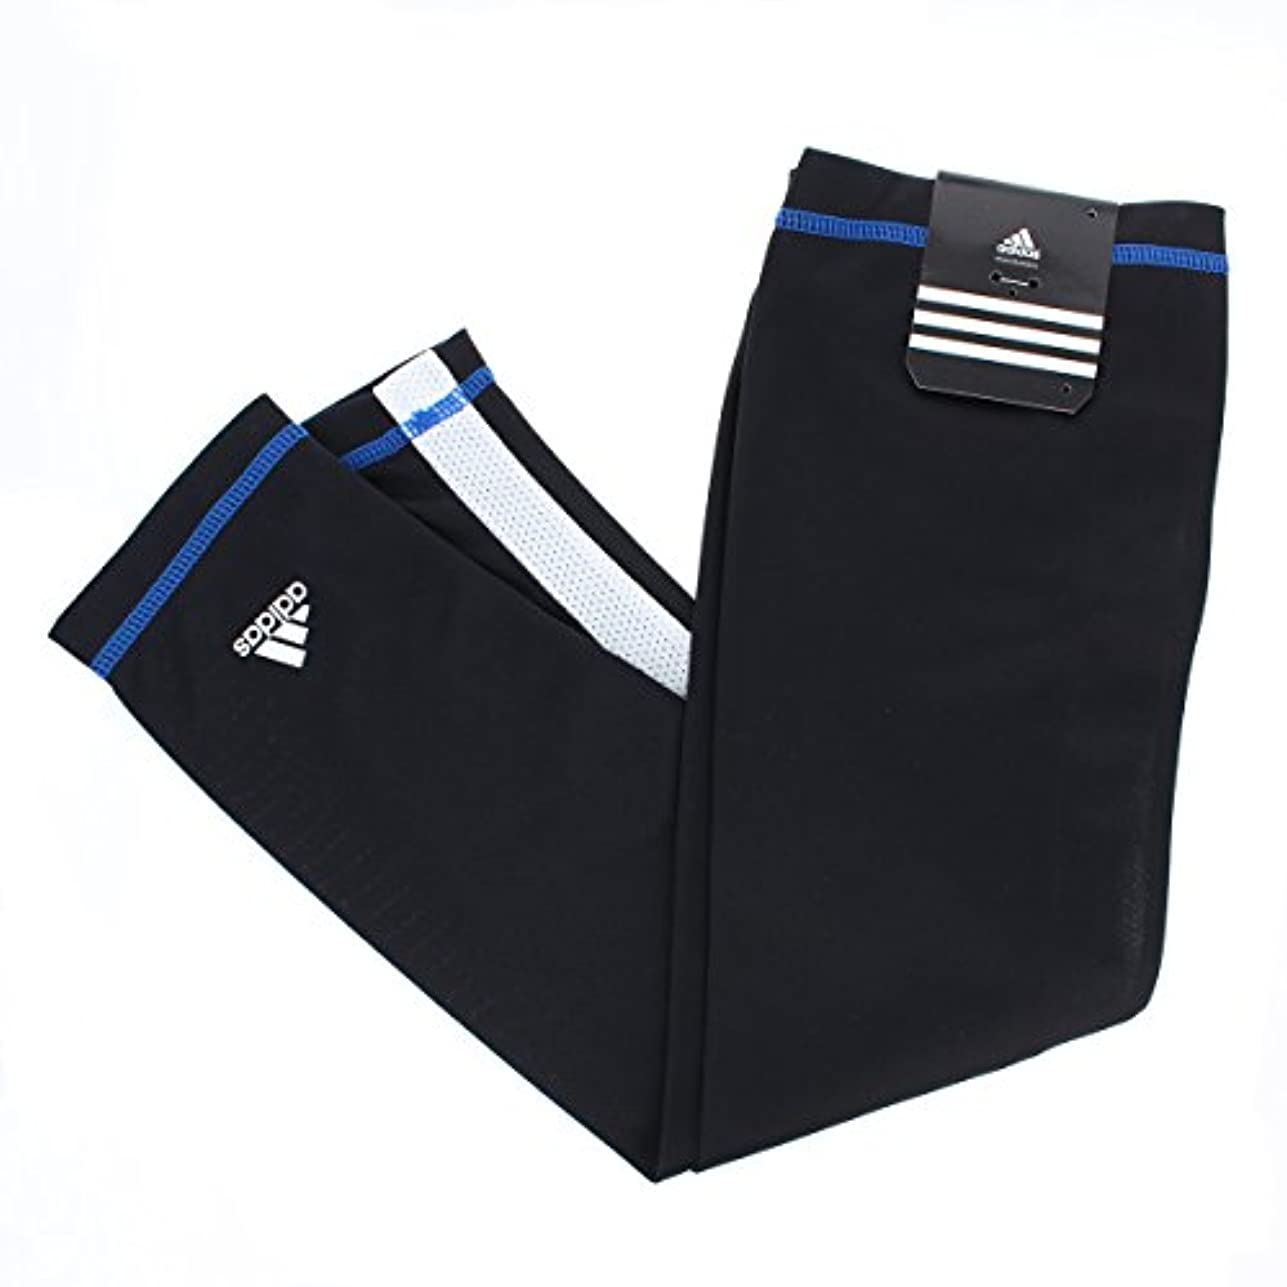 反対にチューインガムほこり(アディダス) adidas UVアームカバー ロング50cm メンズ レディース スポーツ ジョギング ひんやり触感 吸湿 速乾 内側メッシュ UVカット率97% 以上